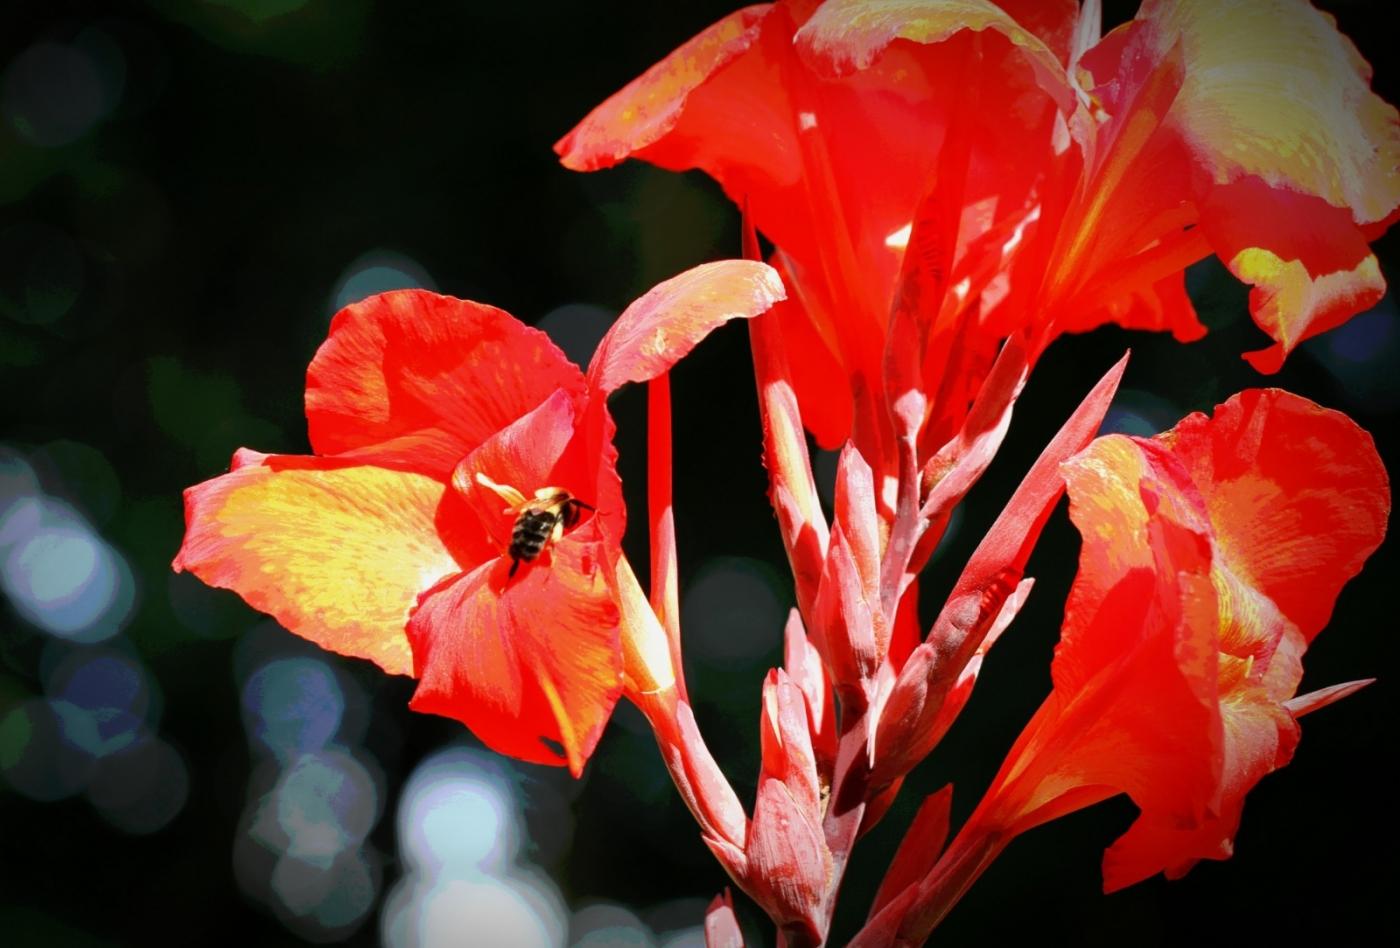 【田螺随拍】我今年种的蜂鸟喜欢吃的花都开了_图1-18